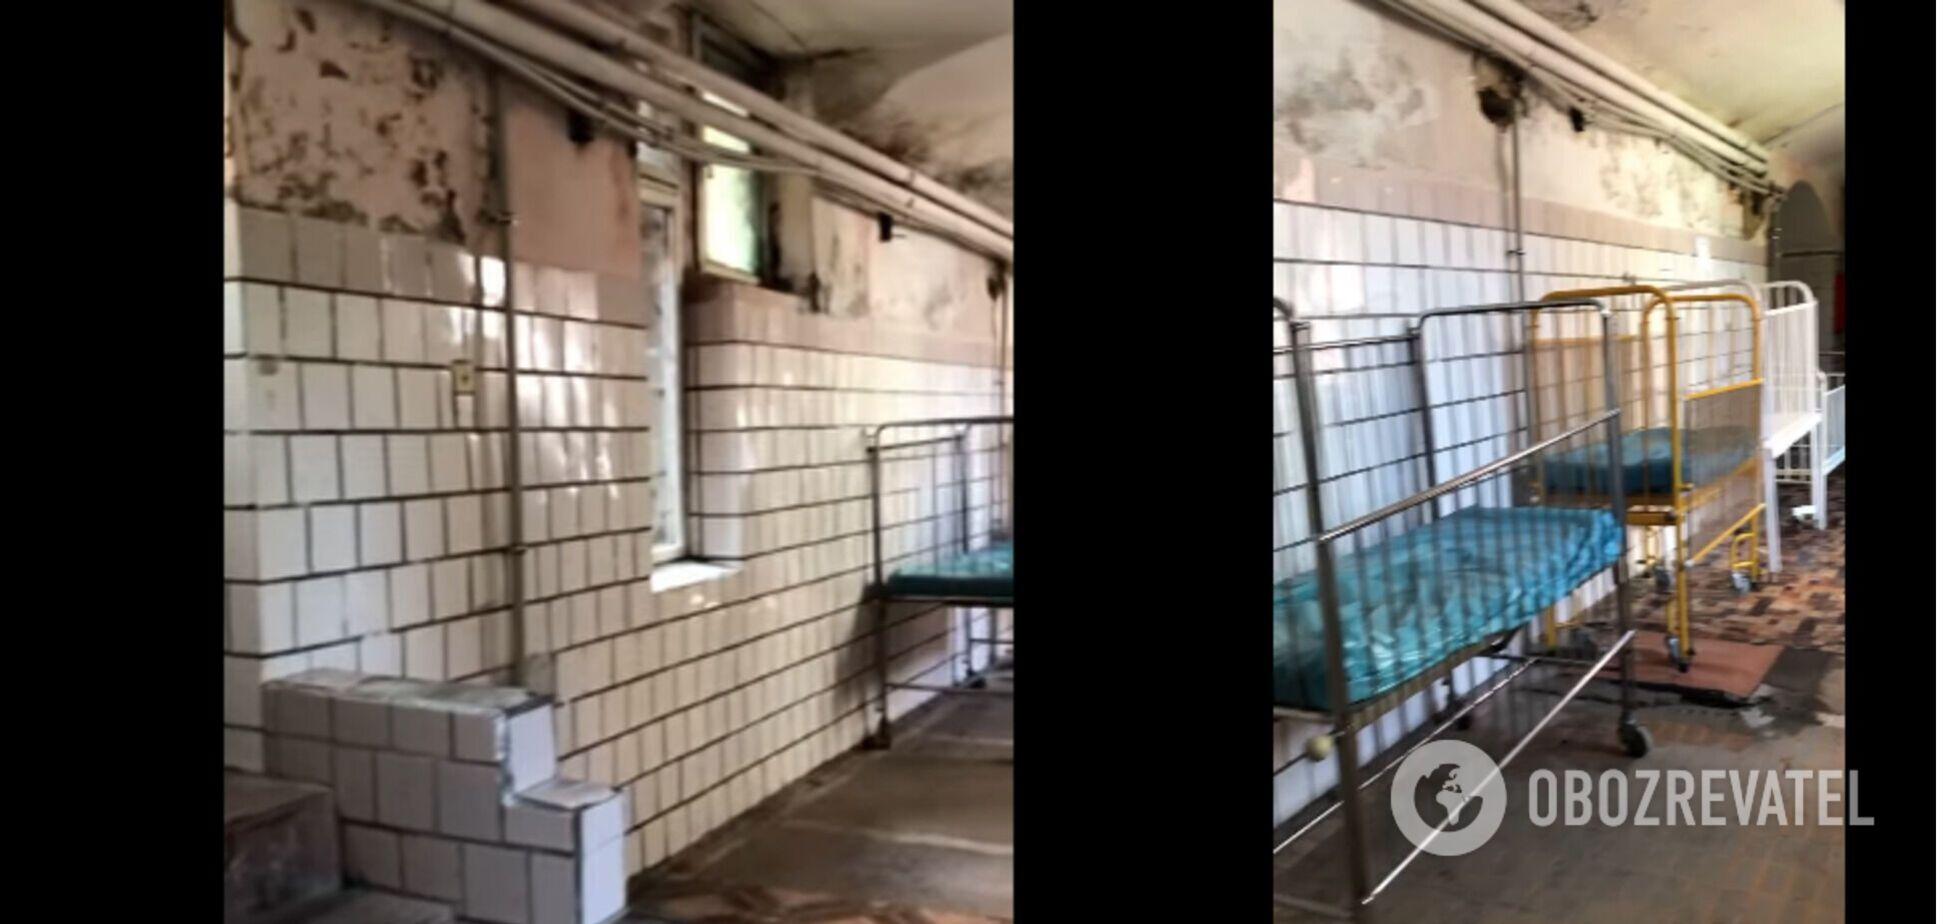 Плесень и невыносимая вонь: на Буковине пожаловались на состояние детской больницы. Видео